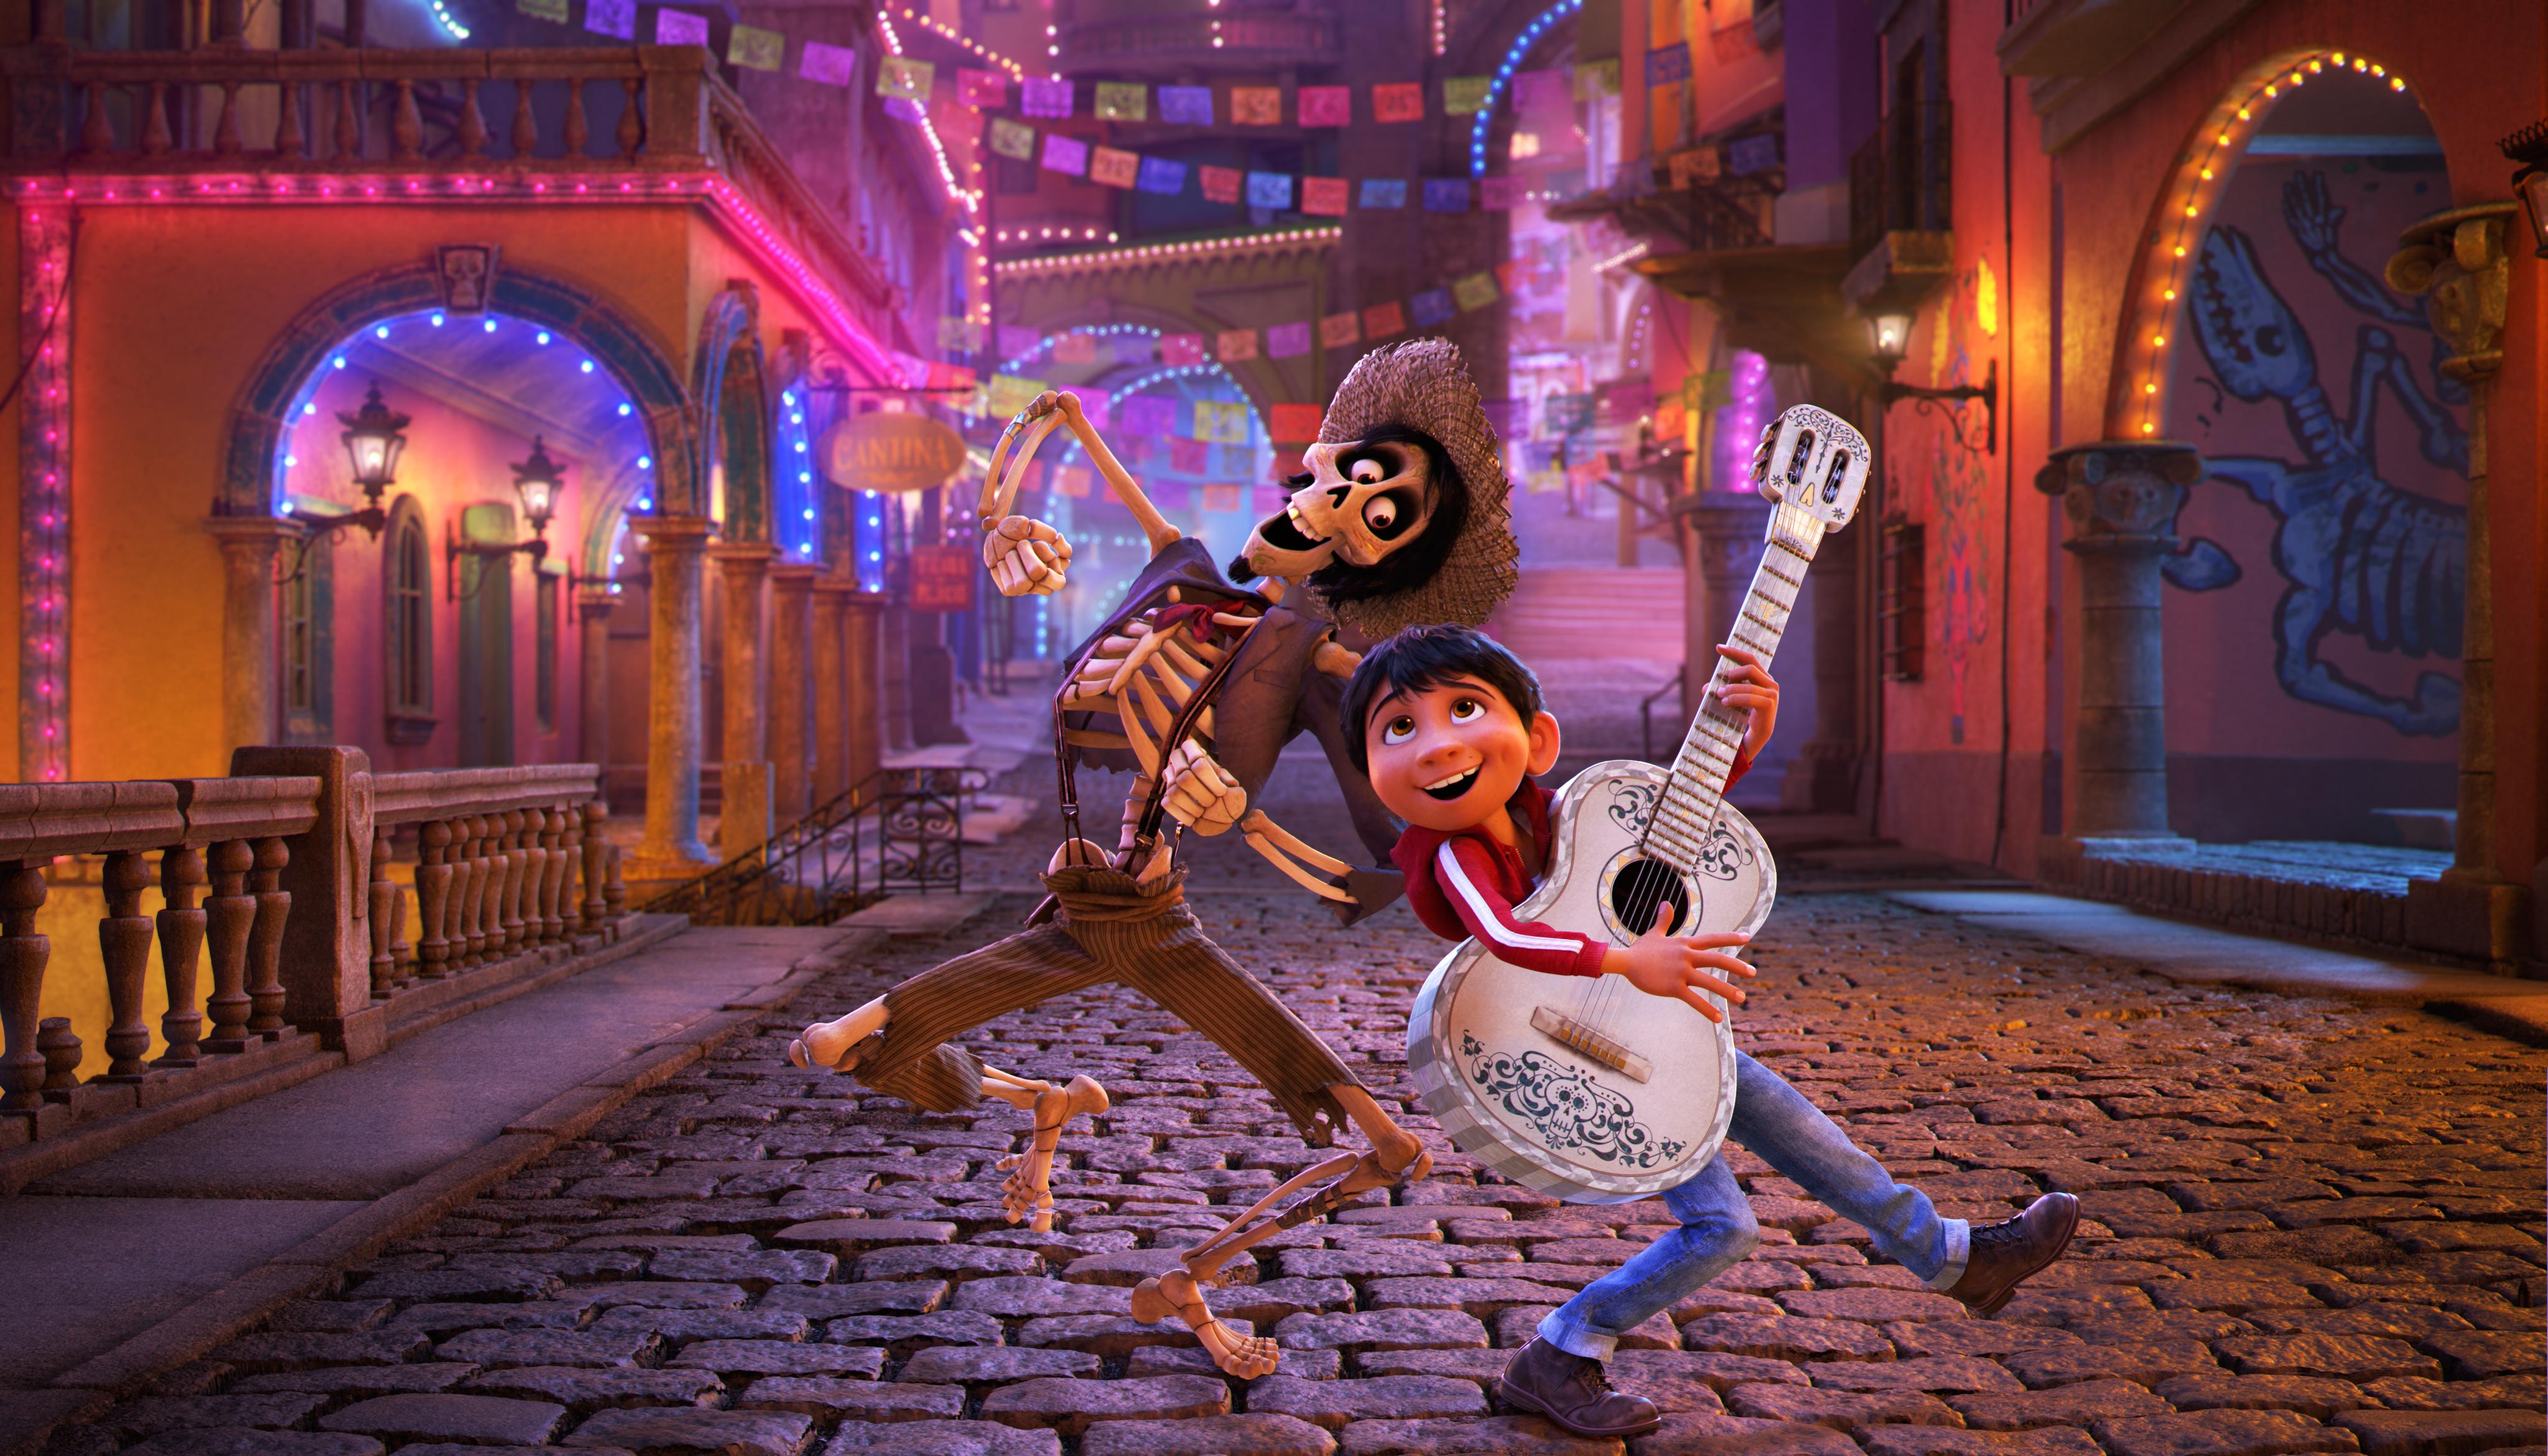 El amor a la música lleva a Miguel hasta el Mundo de los Muertos, donde conoce a Héctor.